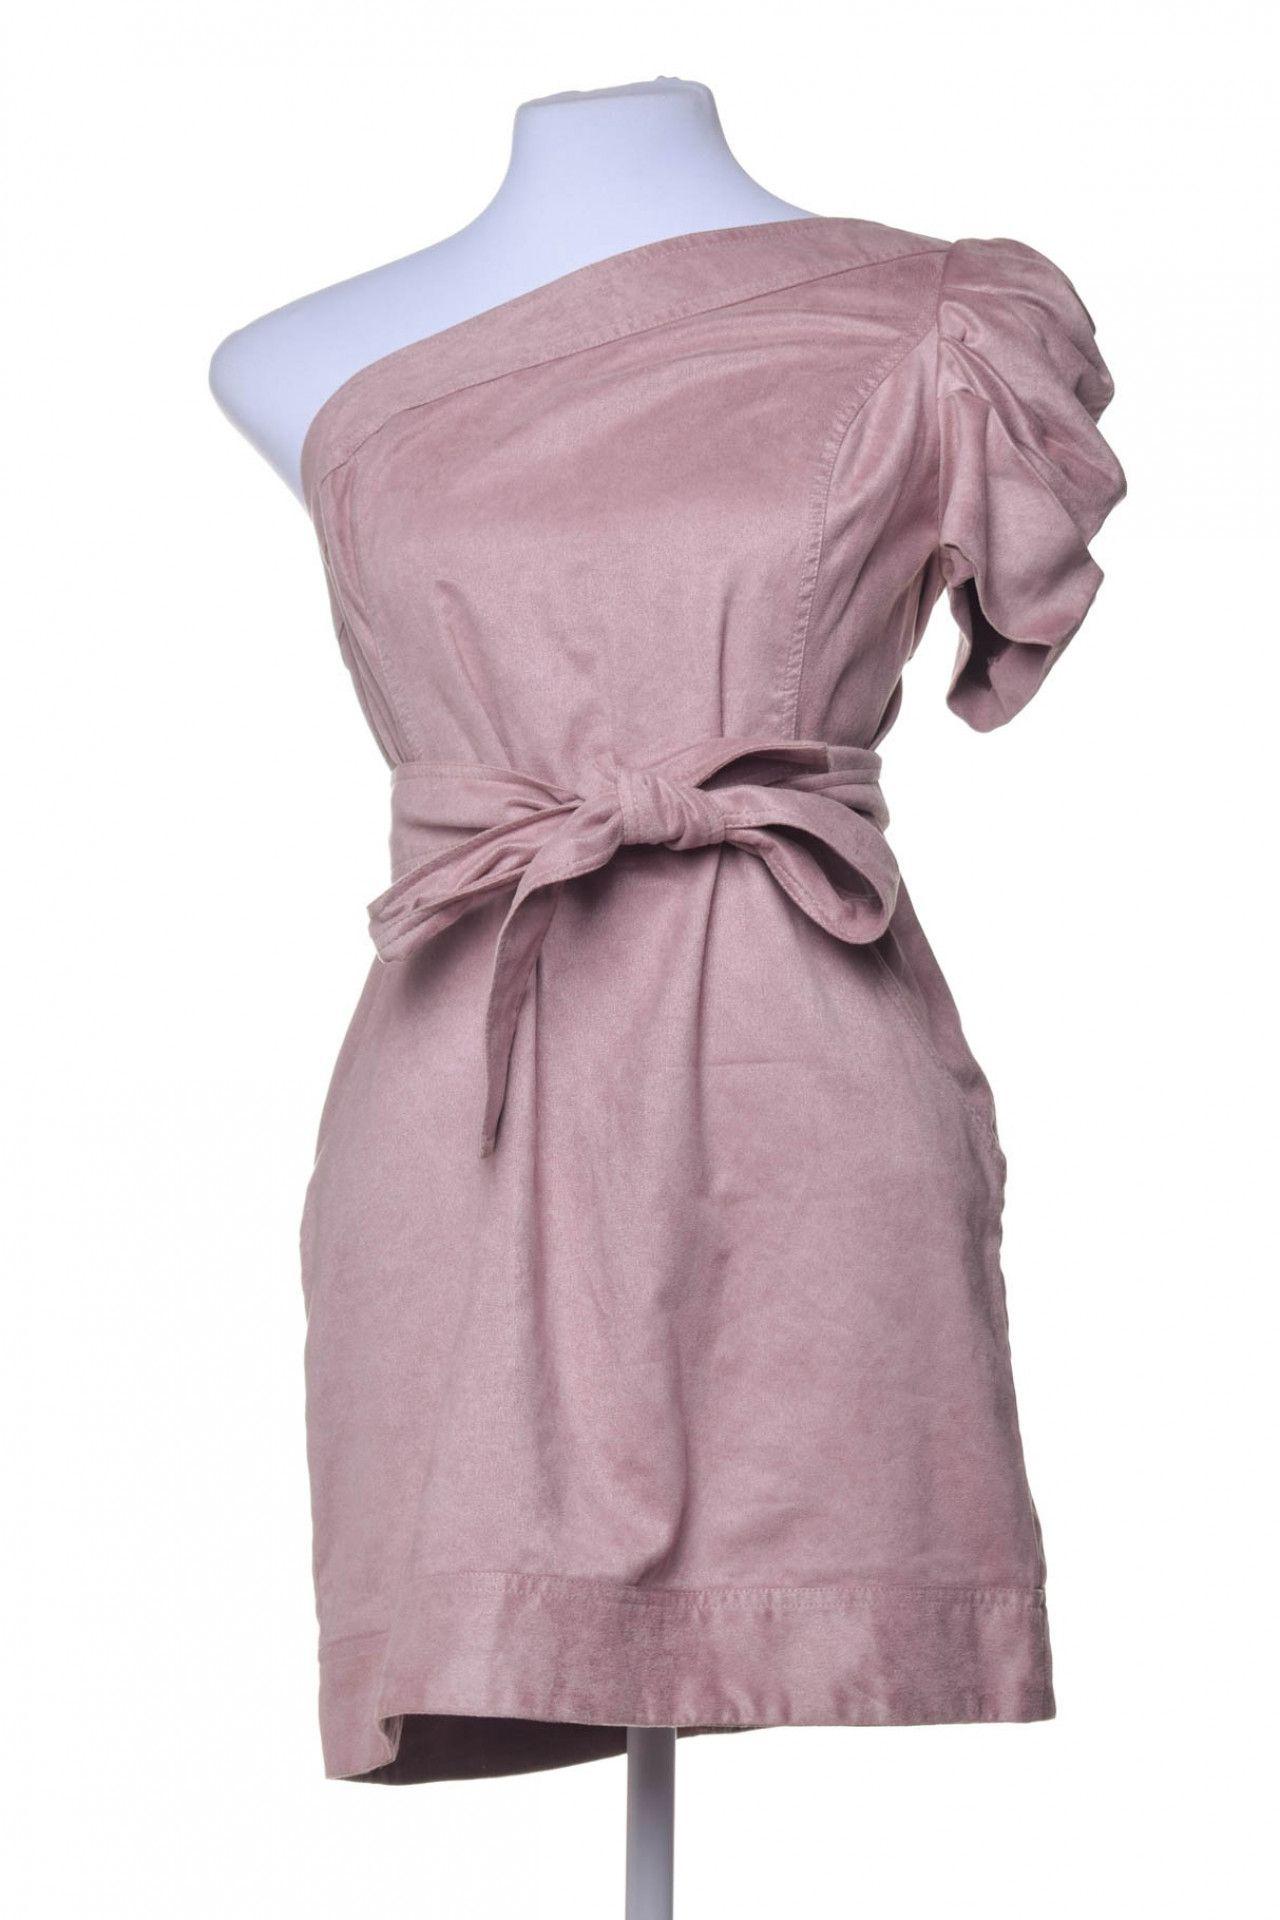 Litt - Vestido Suede Rosê - Foto 1